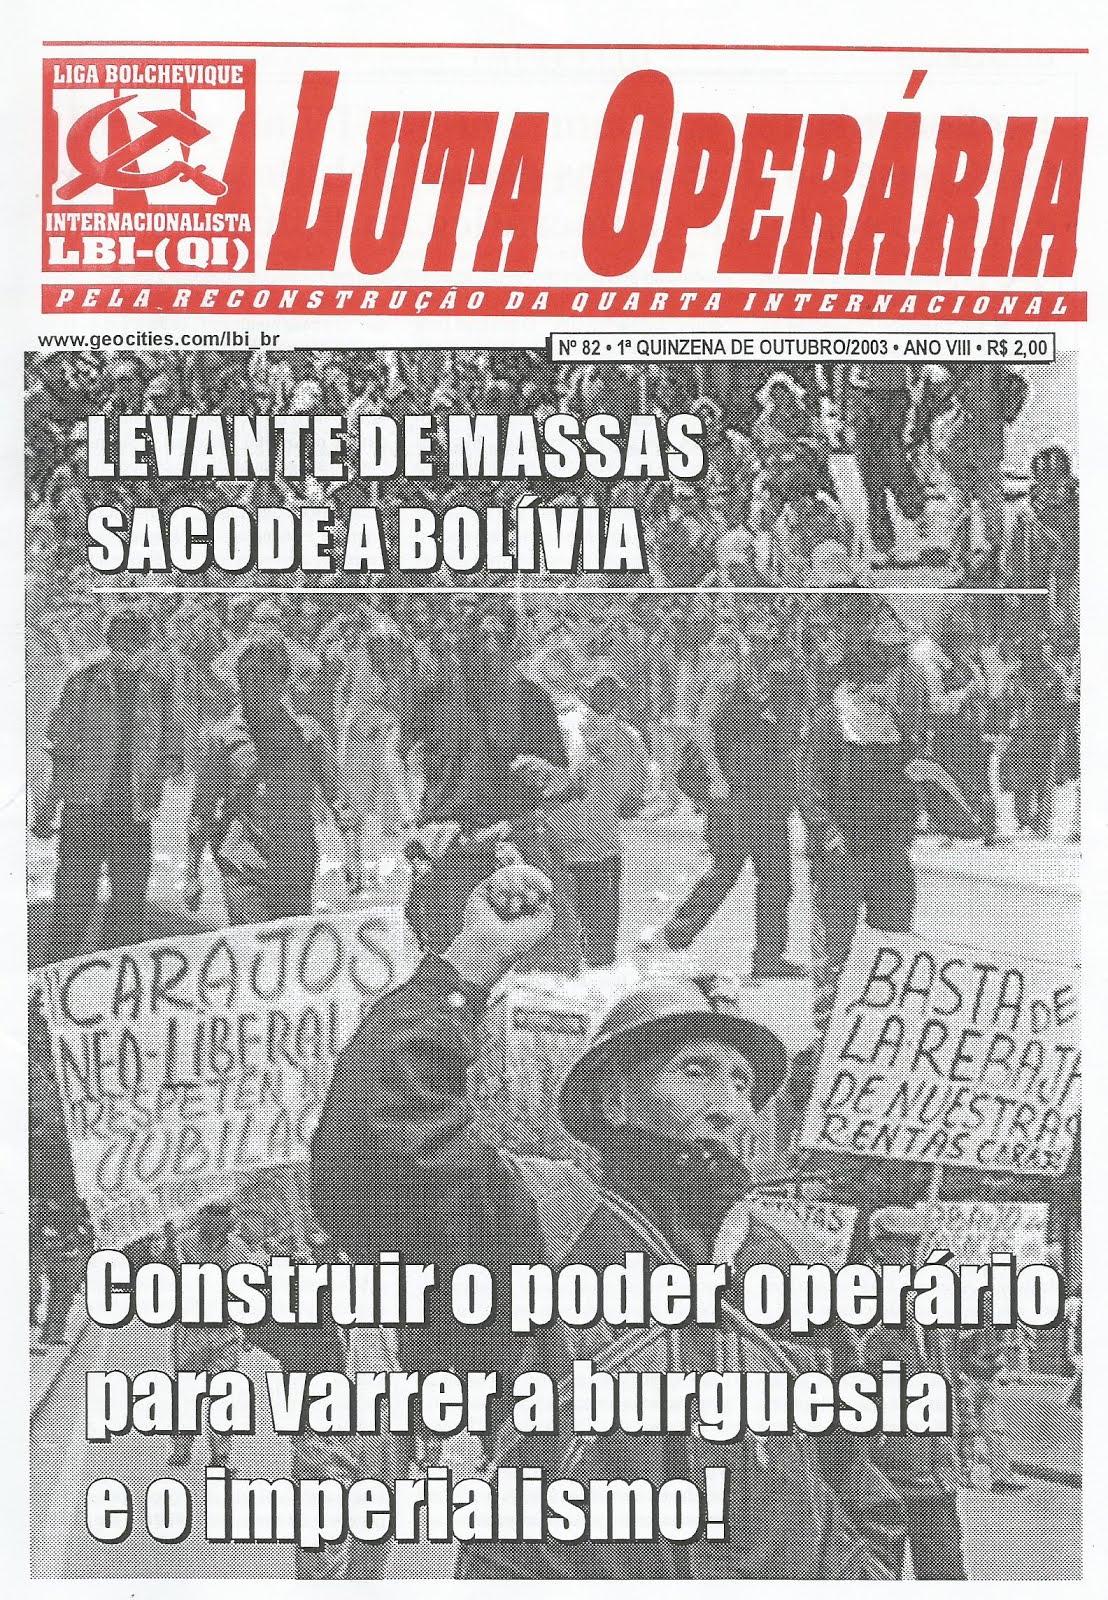 LEIA A EDIÇÃO DO JORNAL LUTA OPERÁRIA Nº 82, 1ª QUINZ. DE OUTUBRO/2003